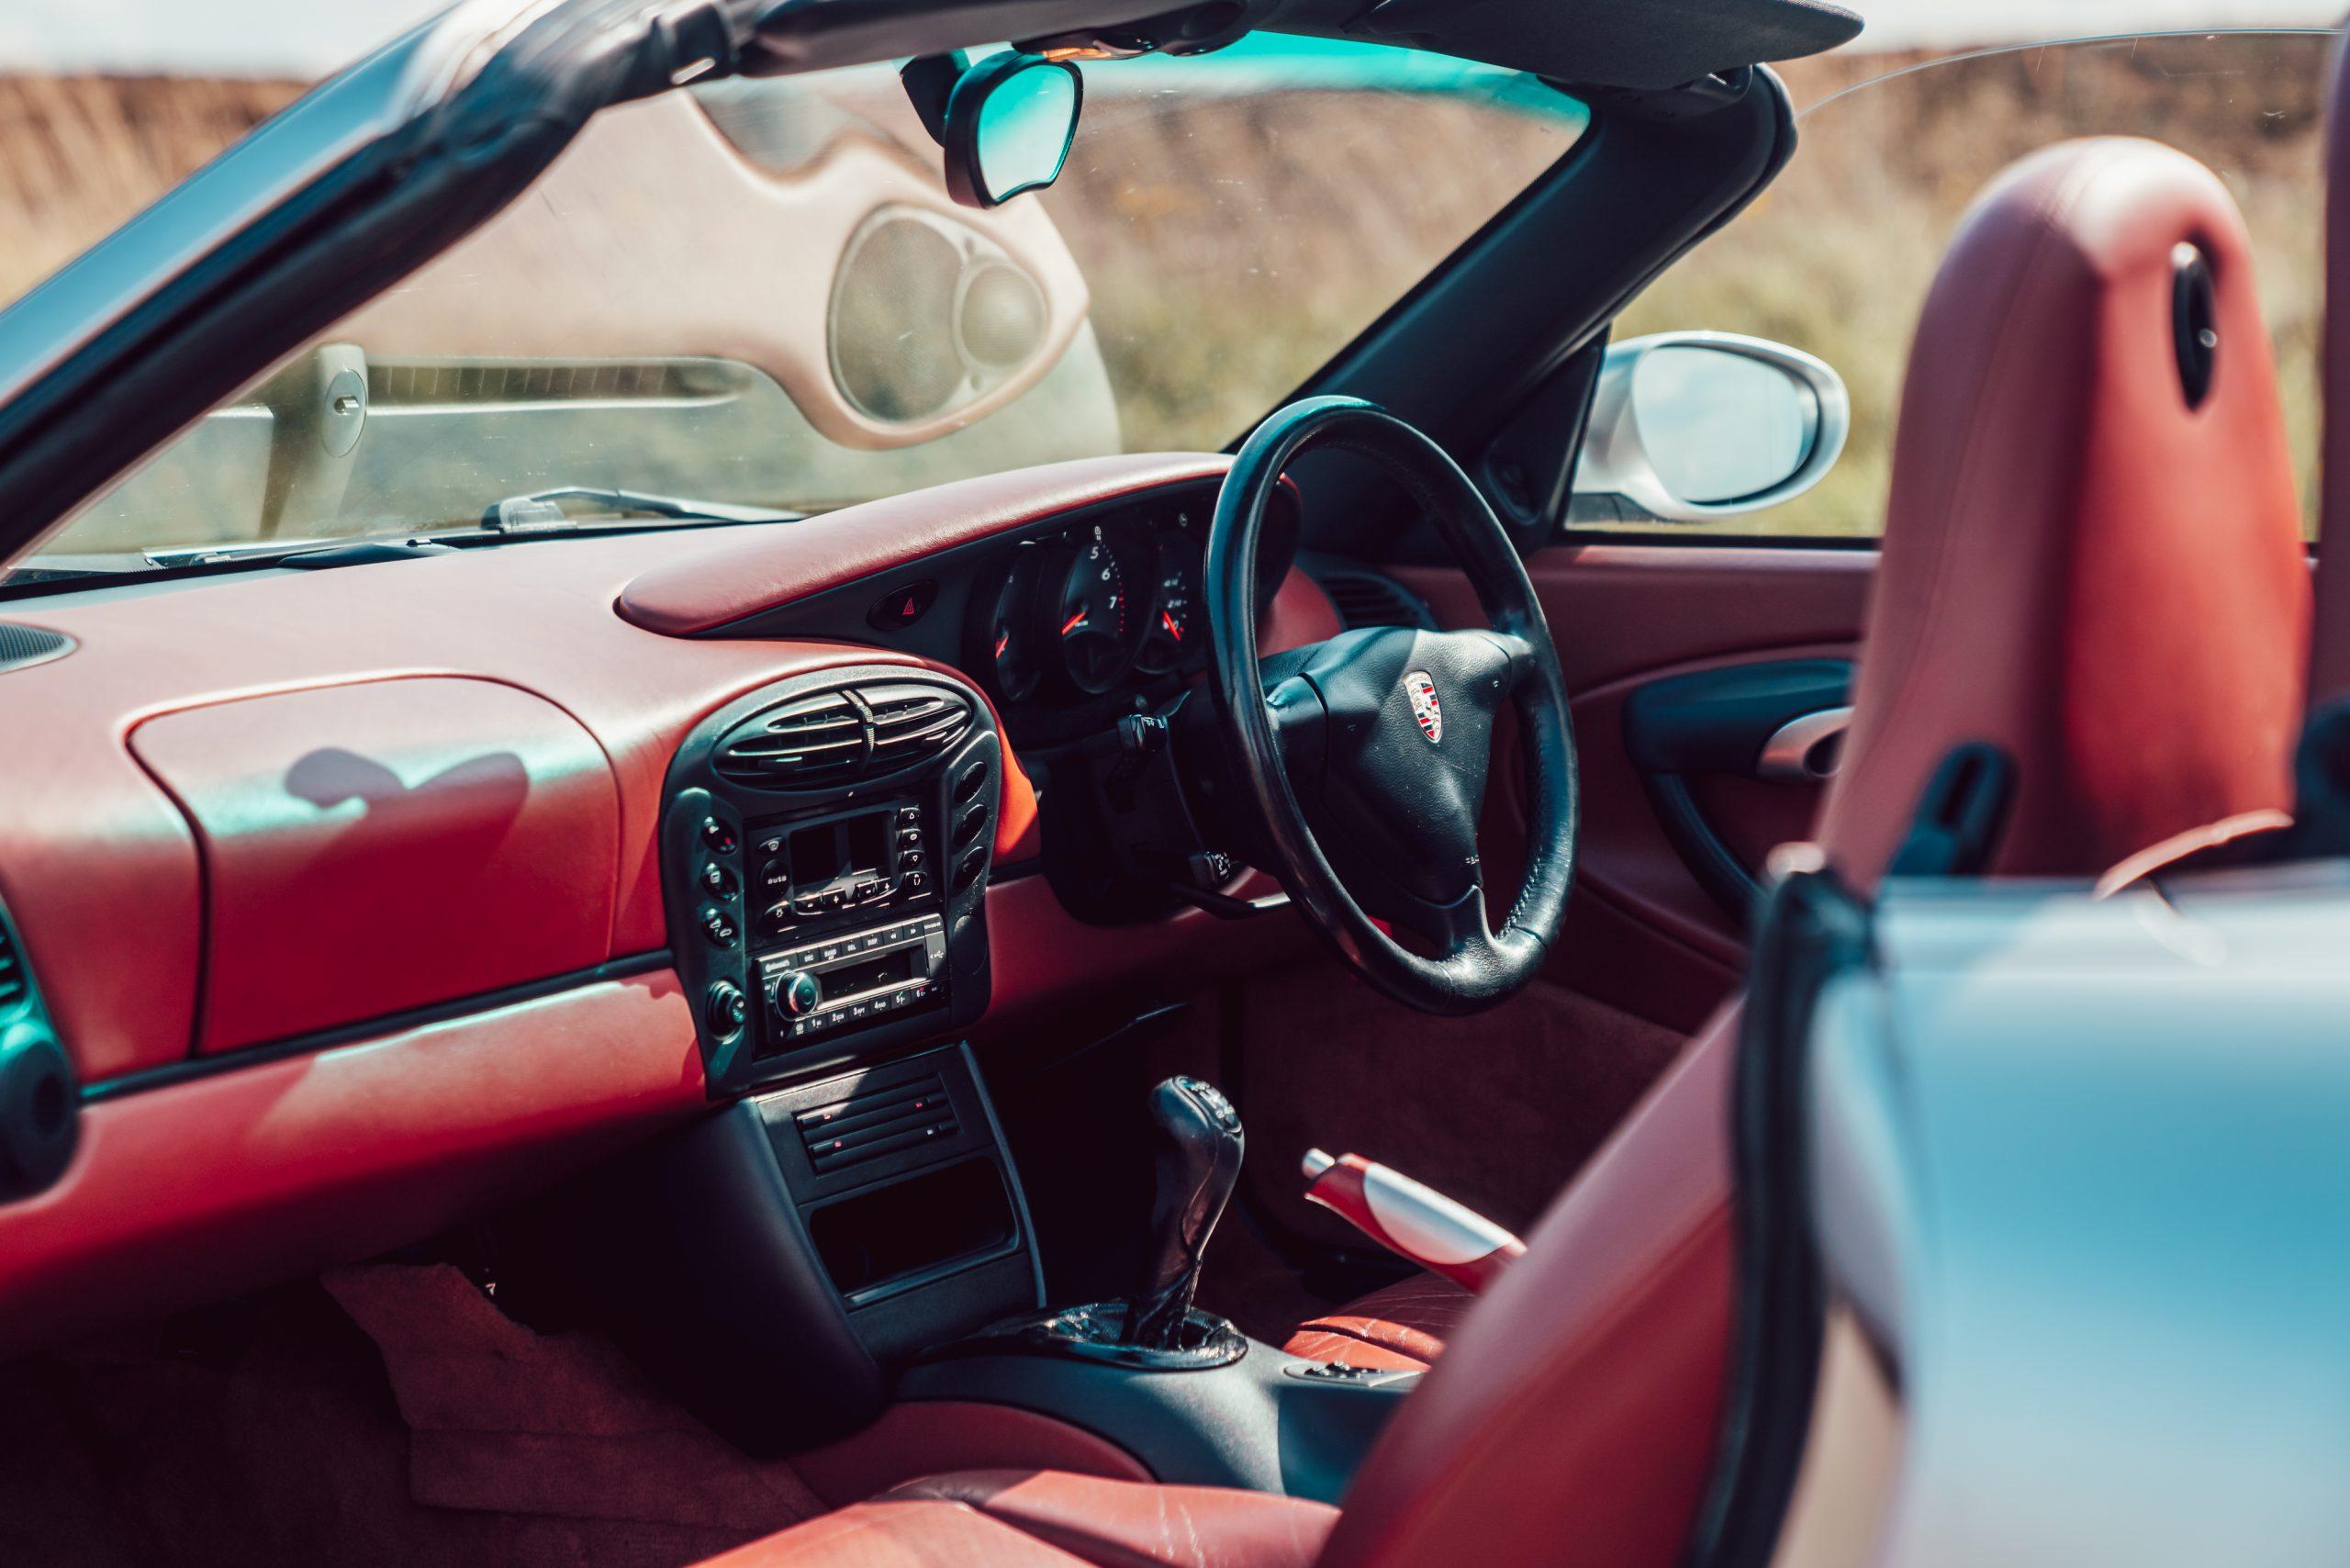 Porsche Boxster 986 cabin